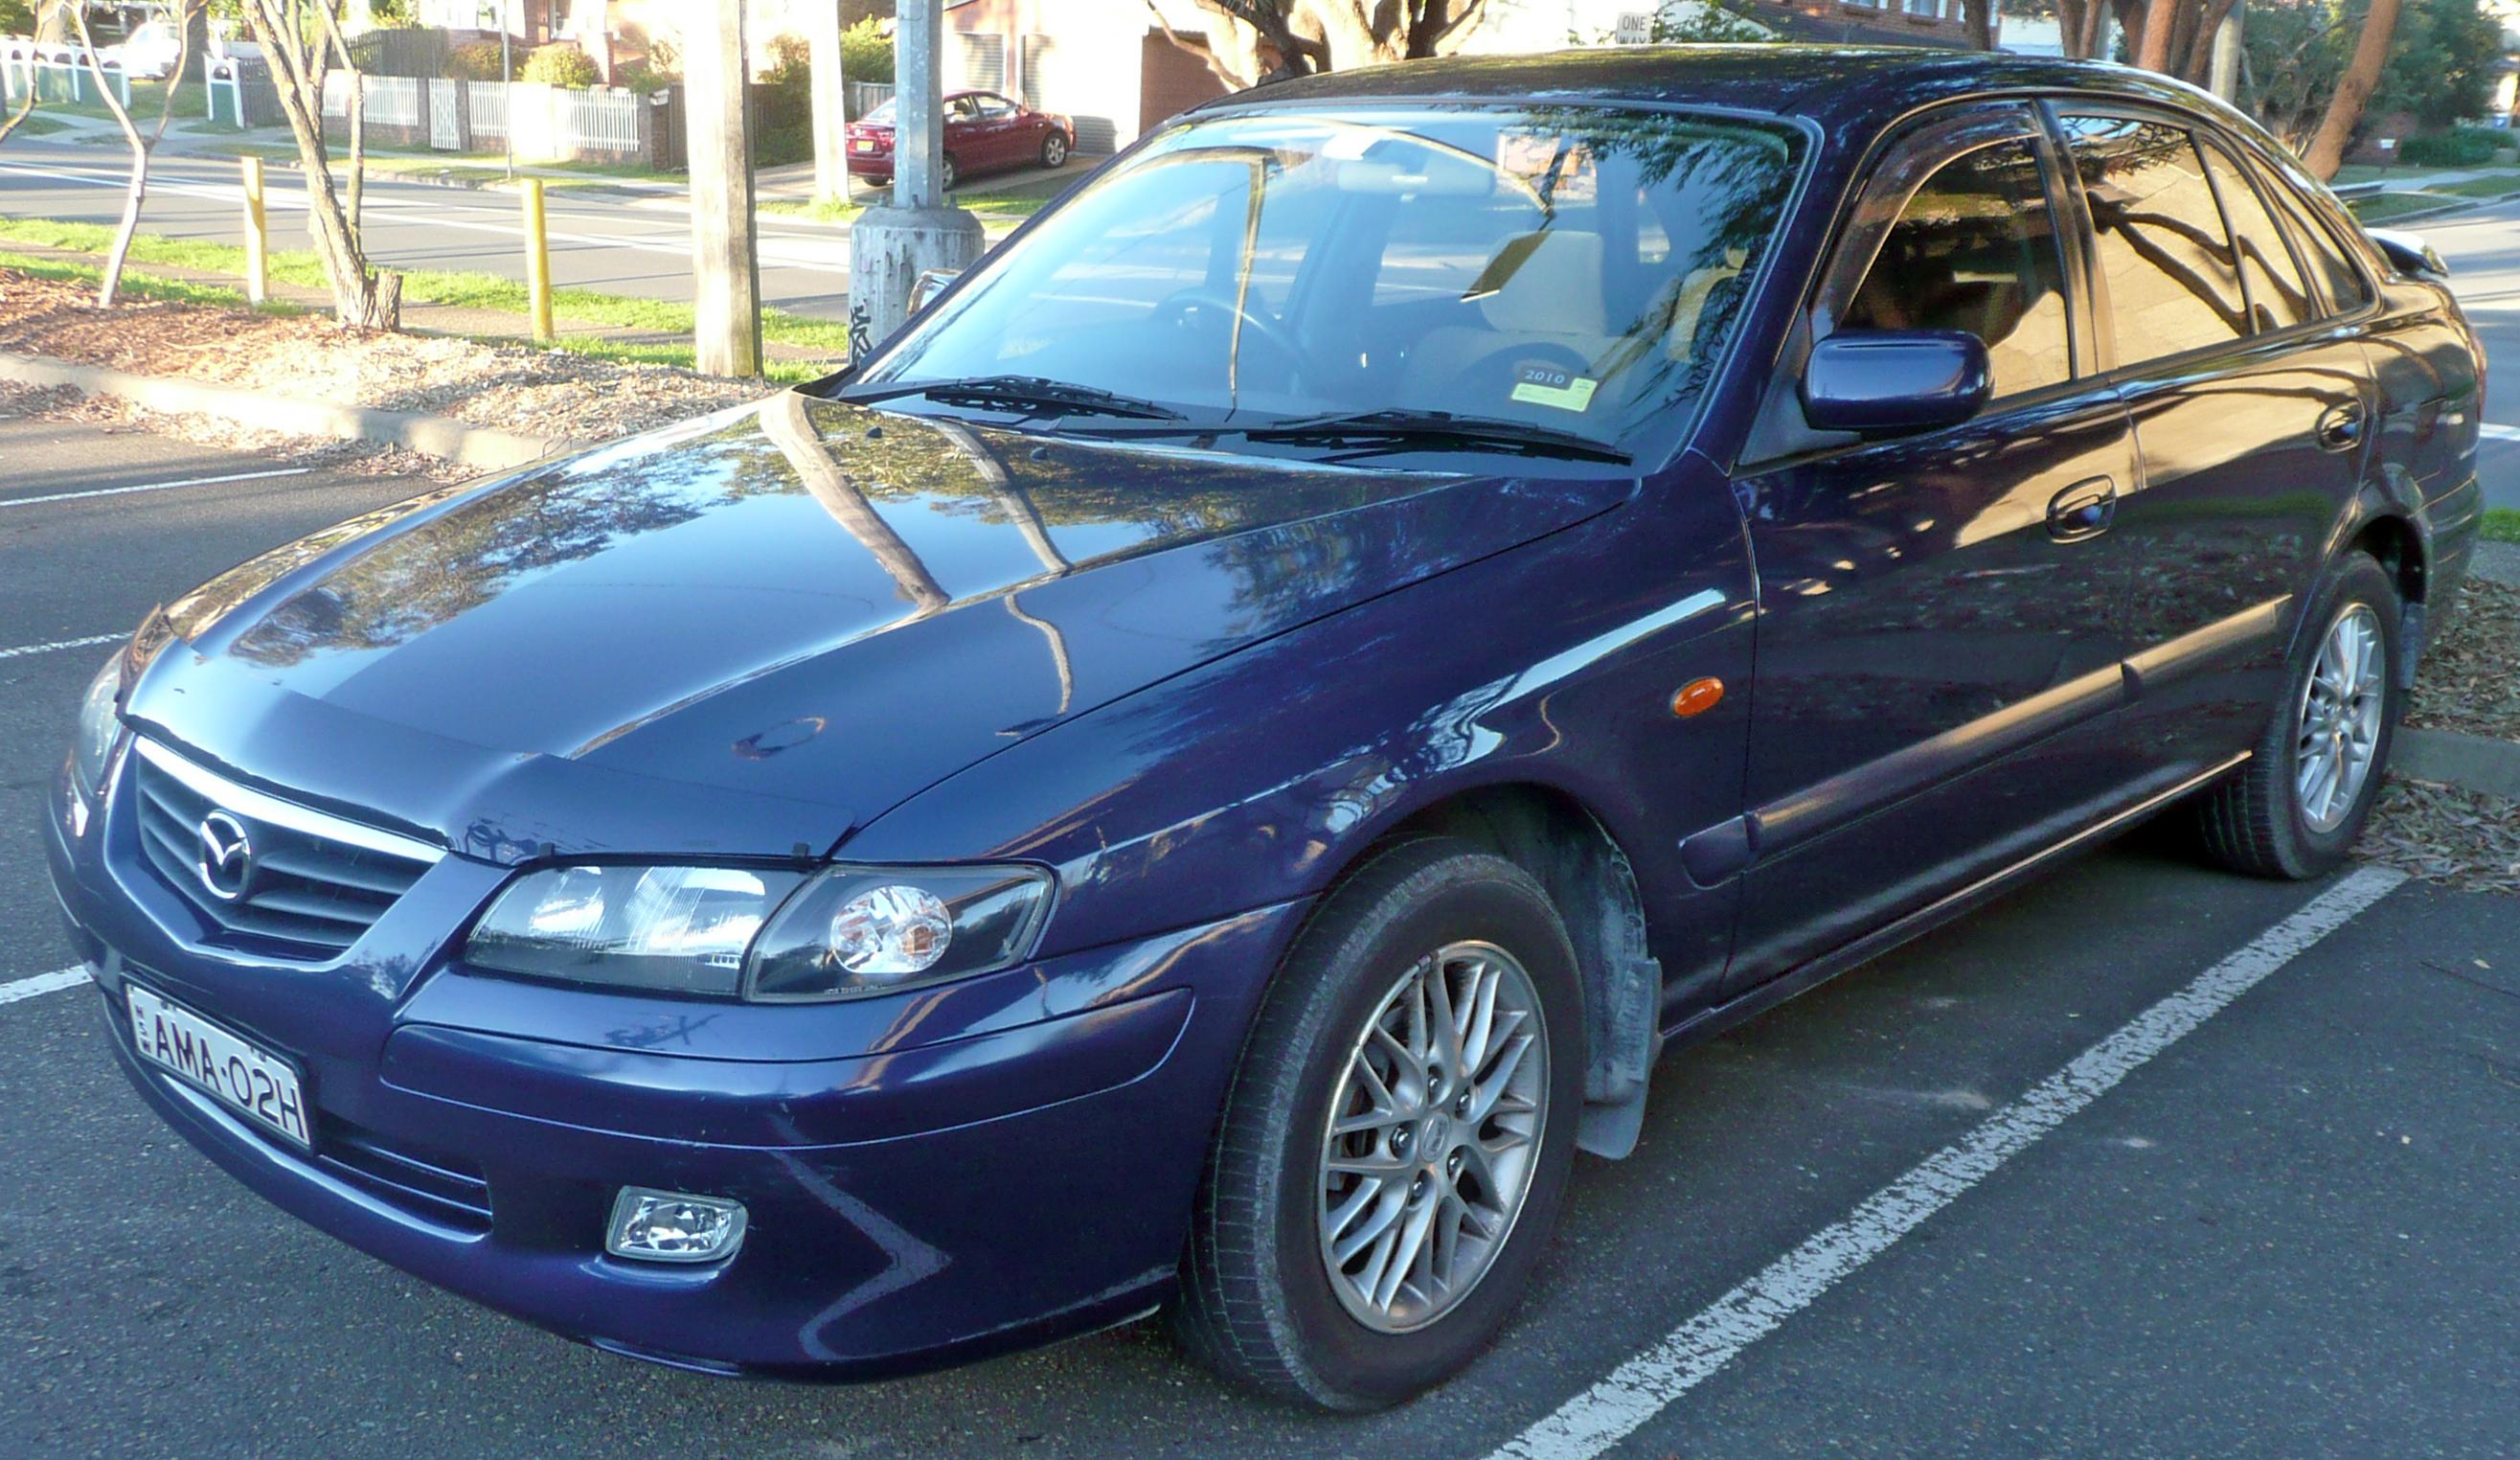 MAZDA 626 blue